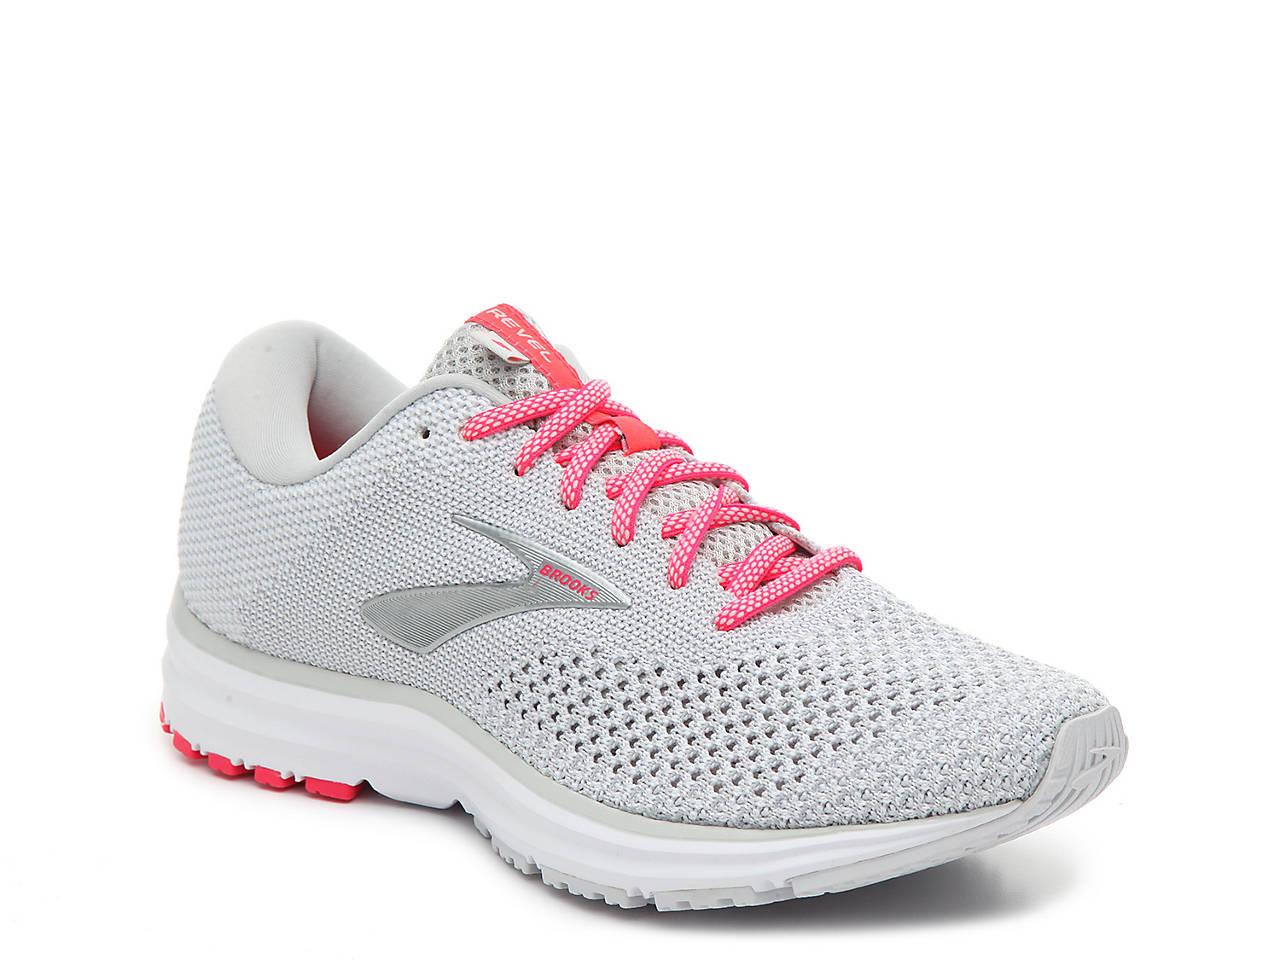 new styles 7bd94 ef83d Revel 2 Performance Running Shoe - Women's